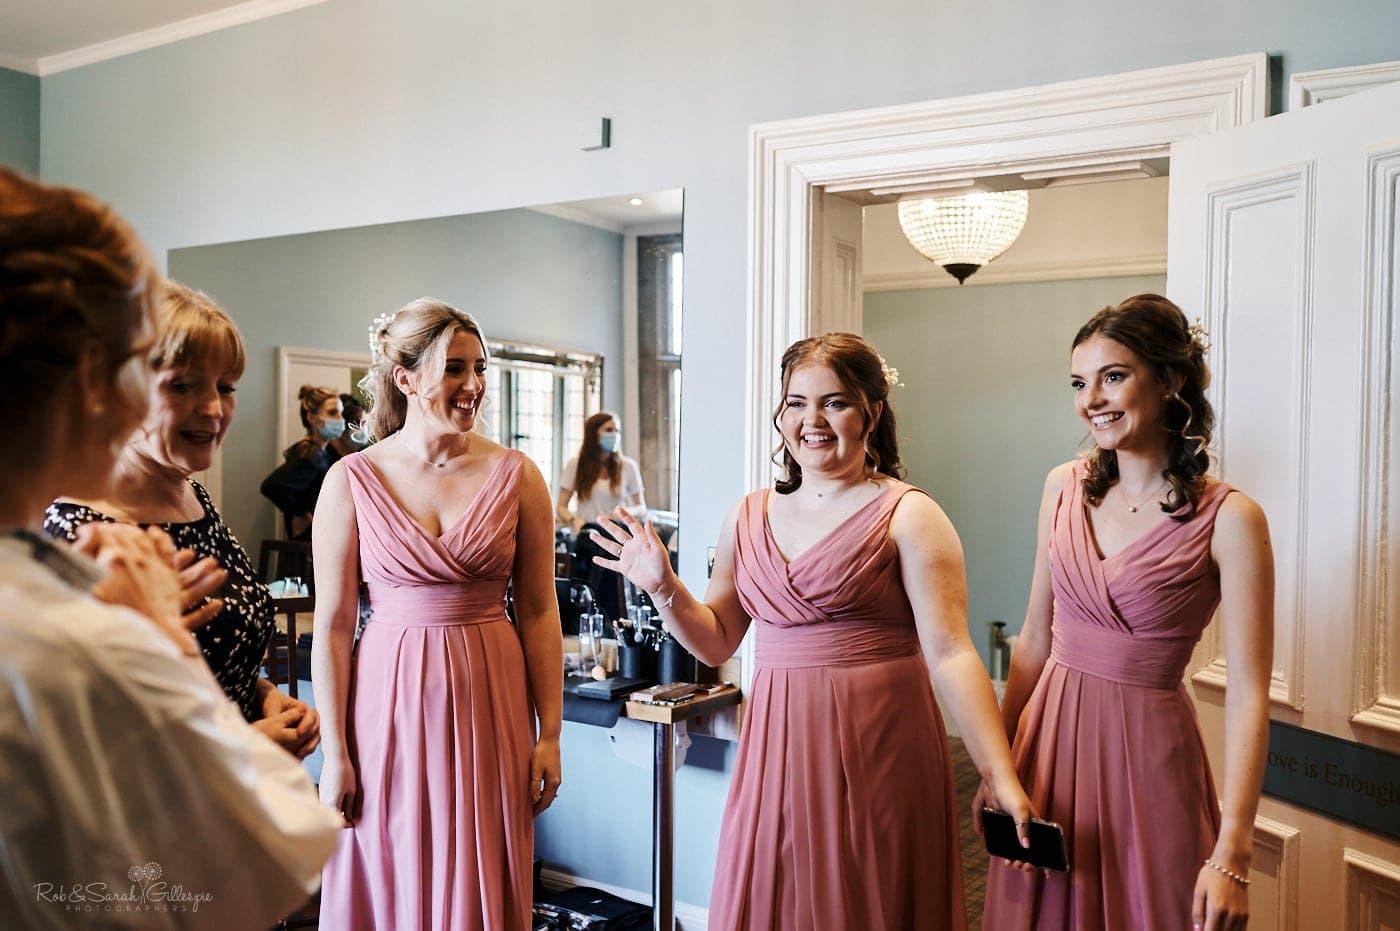 Bridesmaids show off their dresses to bride